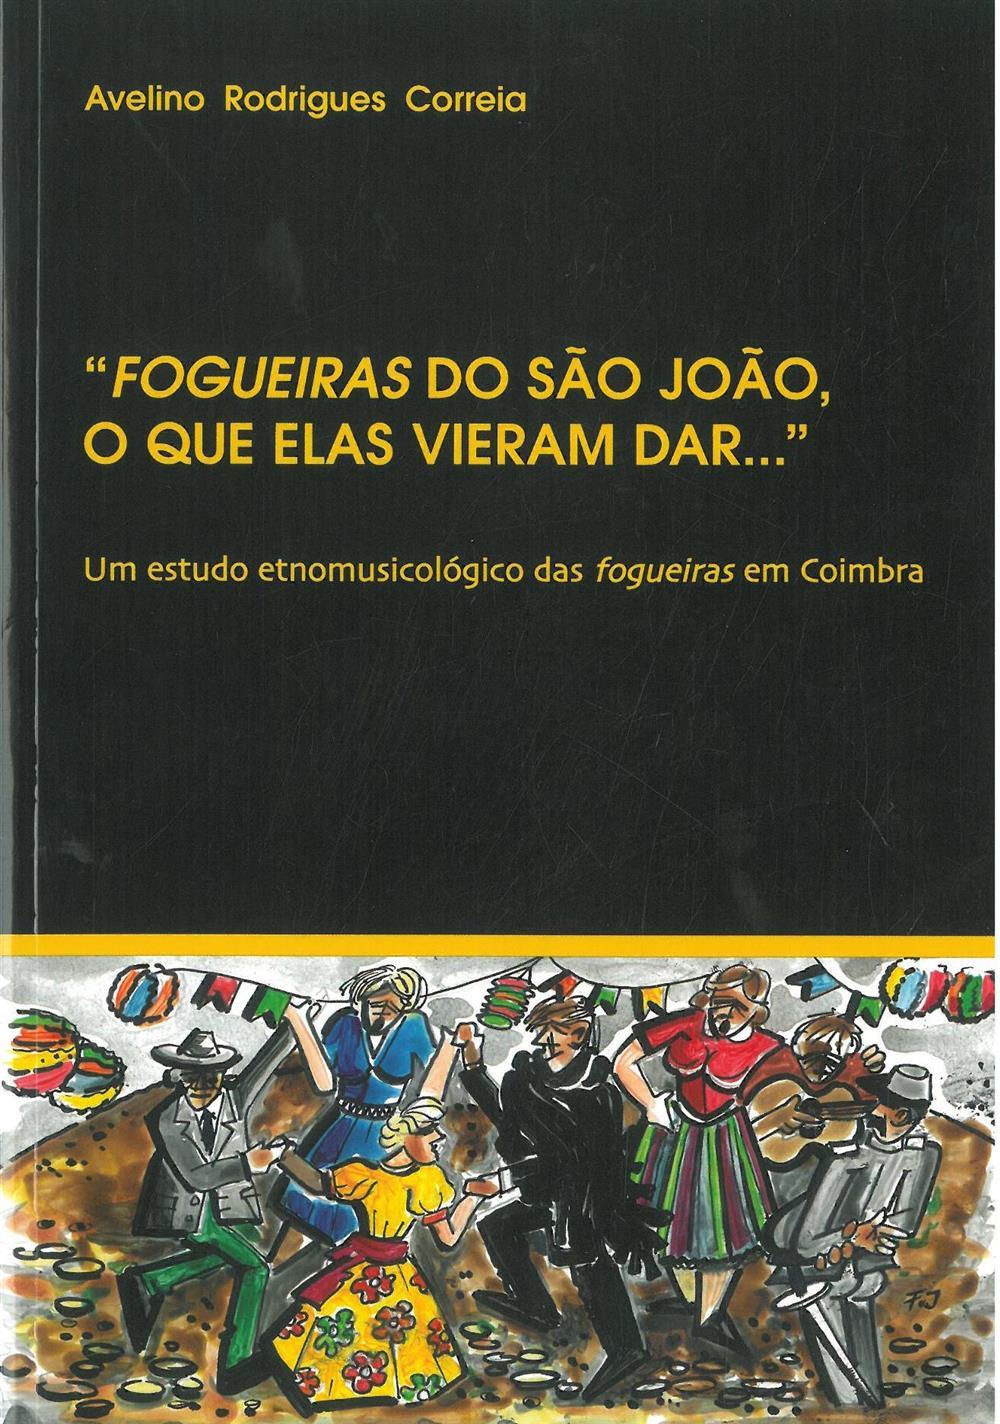 Fogueiras do São João, o que elas vieram dar_.jpg